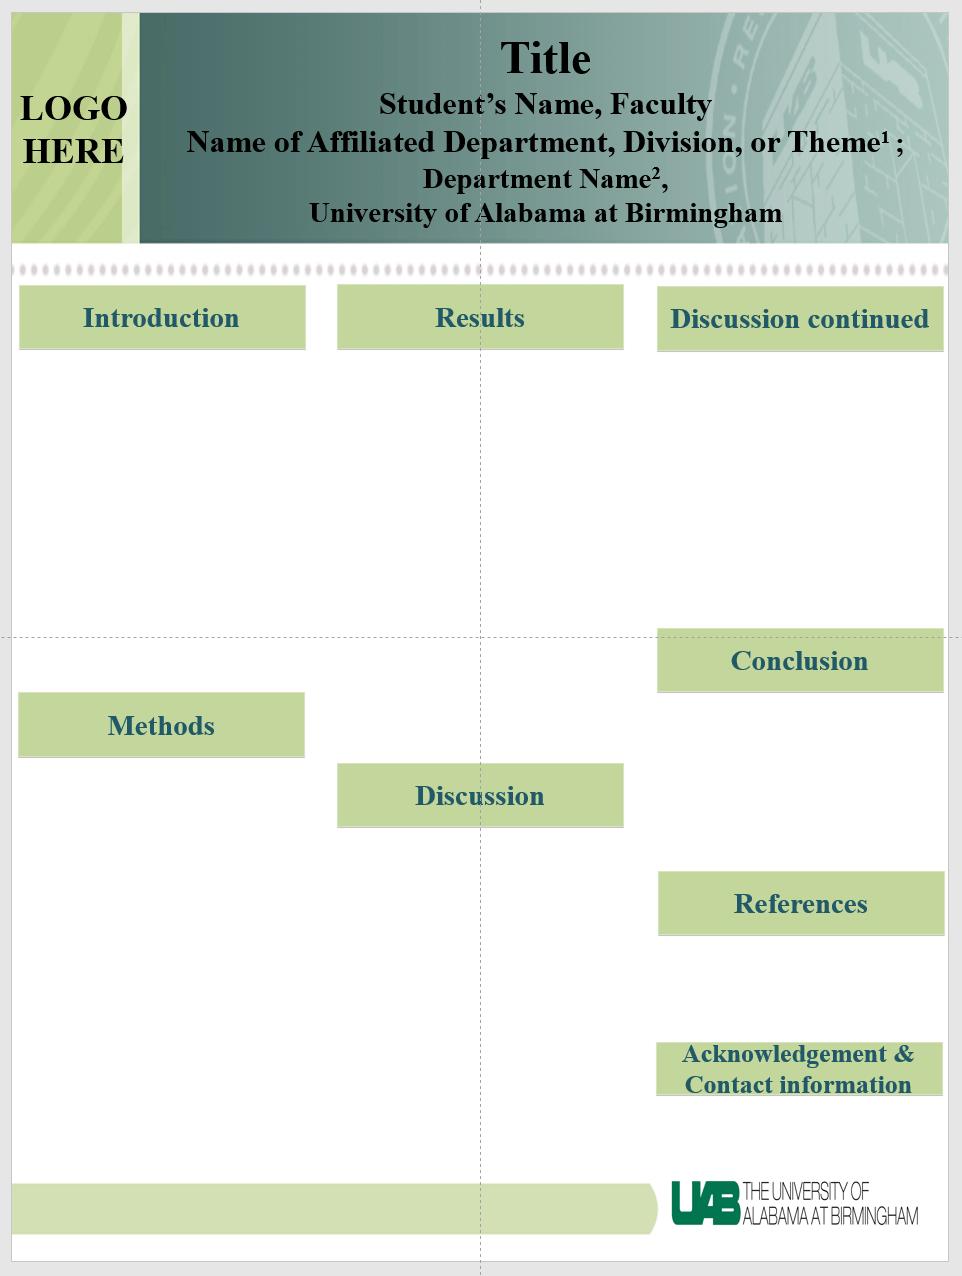 templates logos school of medicine